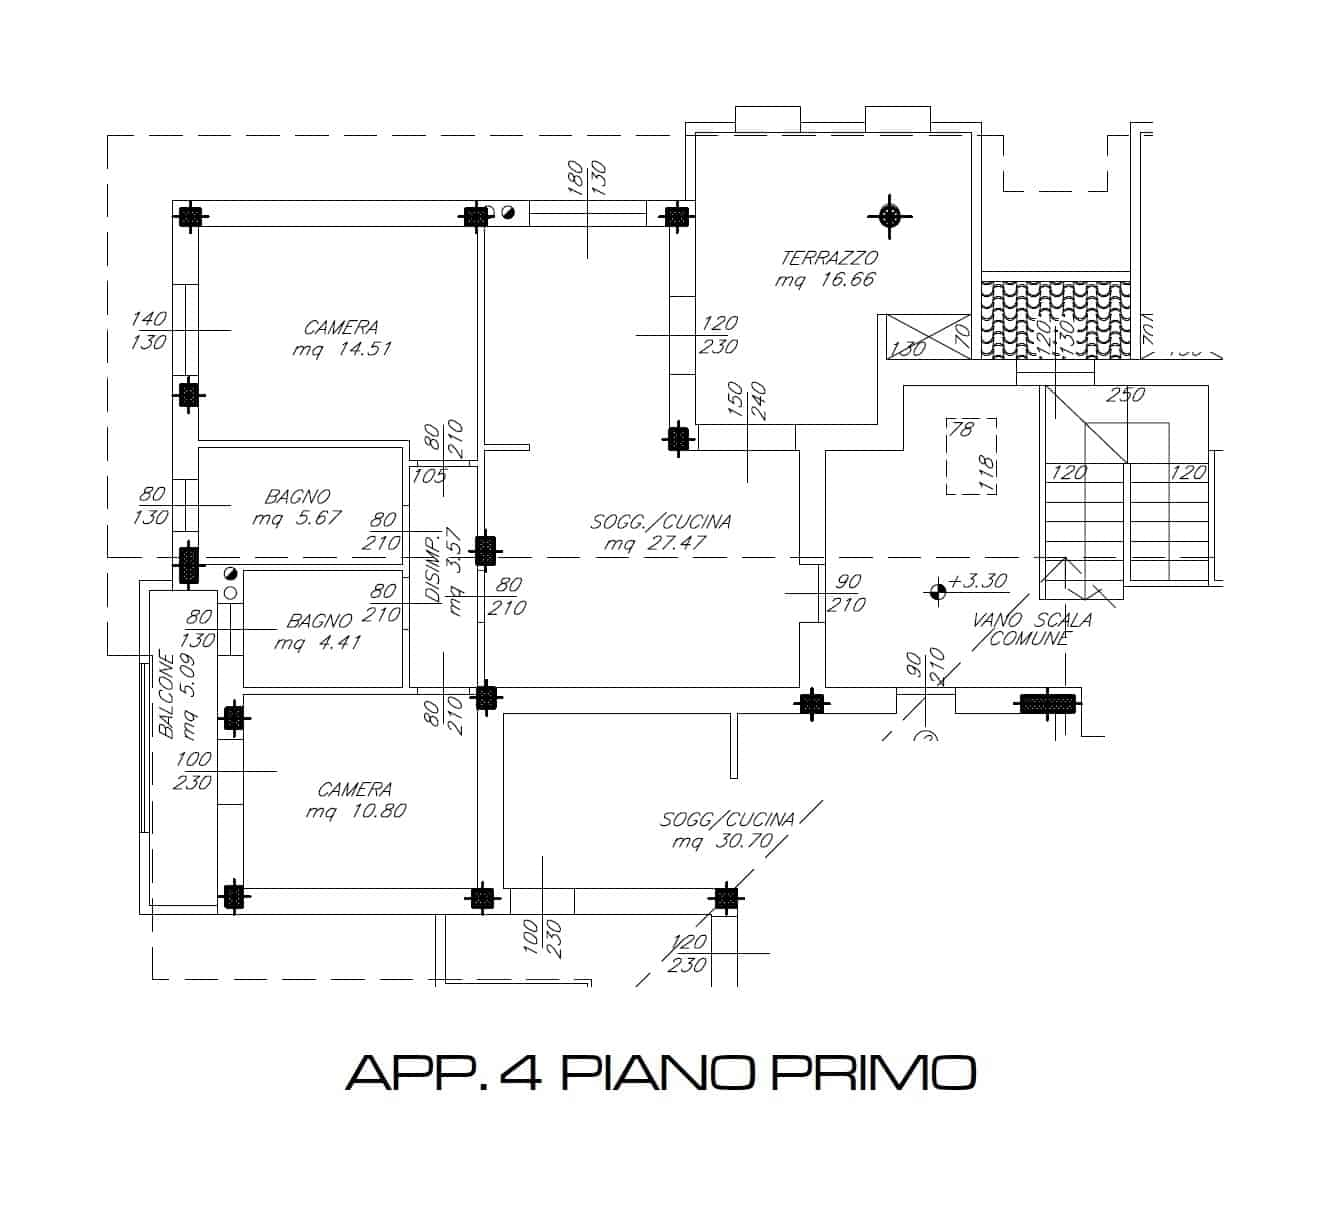 App. 4 PIANO PRIMO